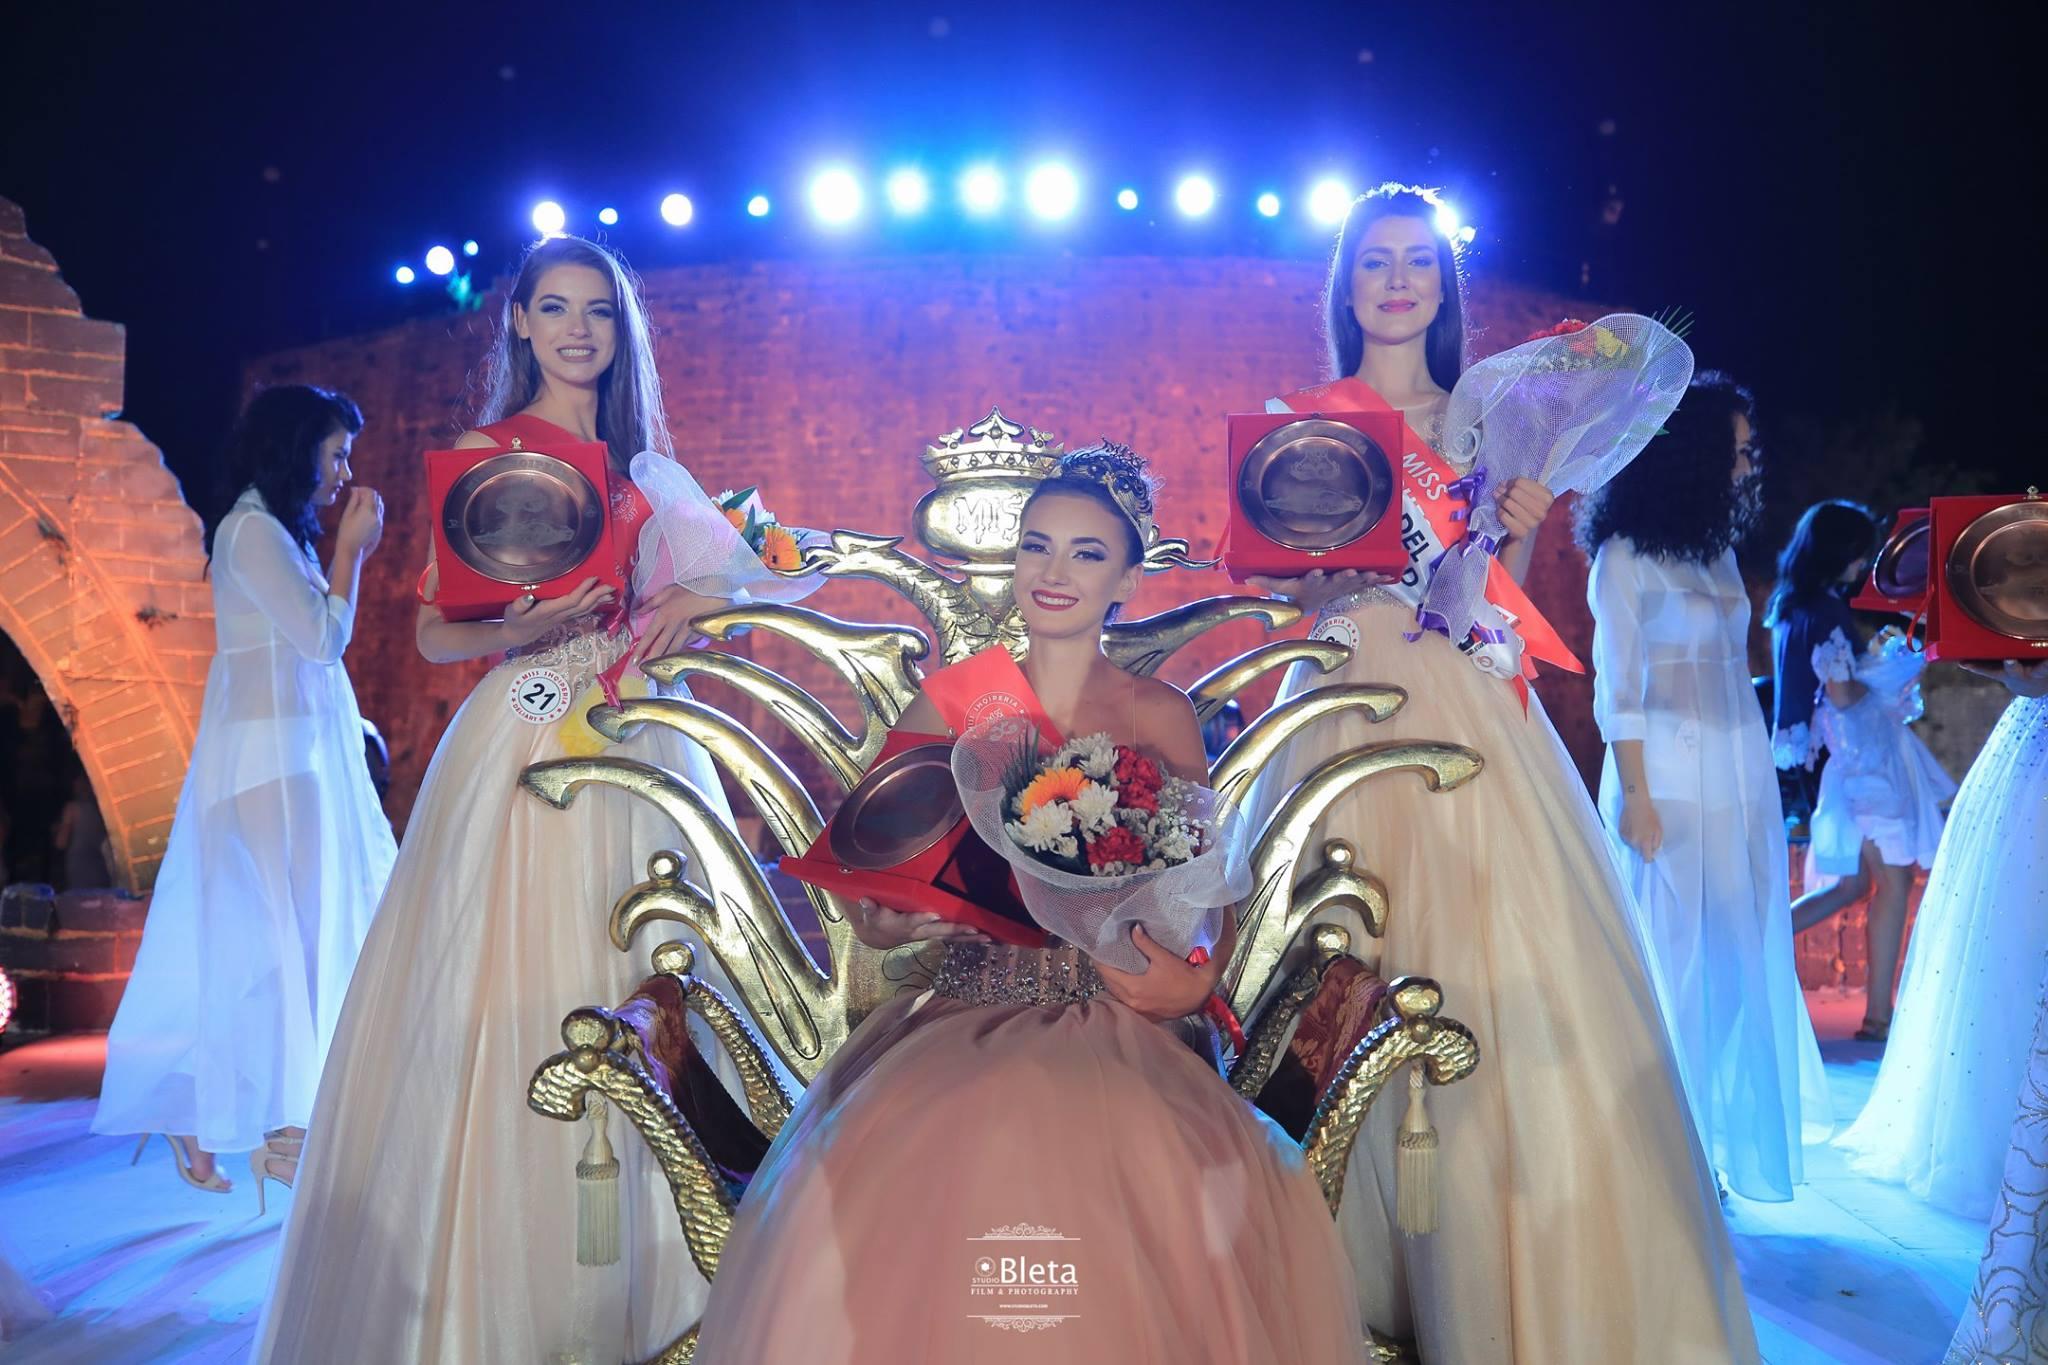 Miss Shqiperia 2017